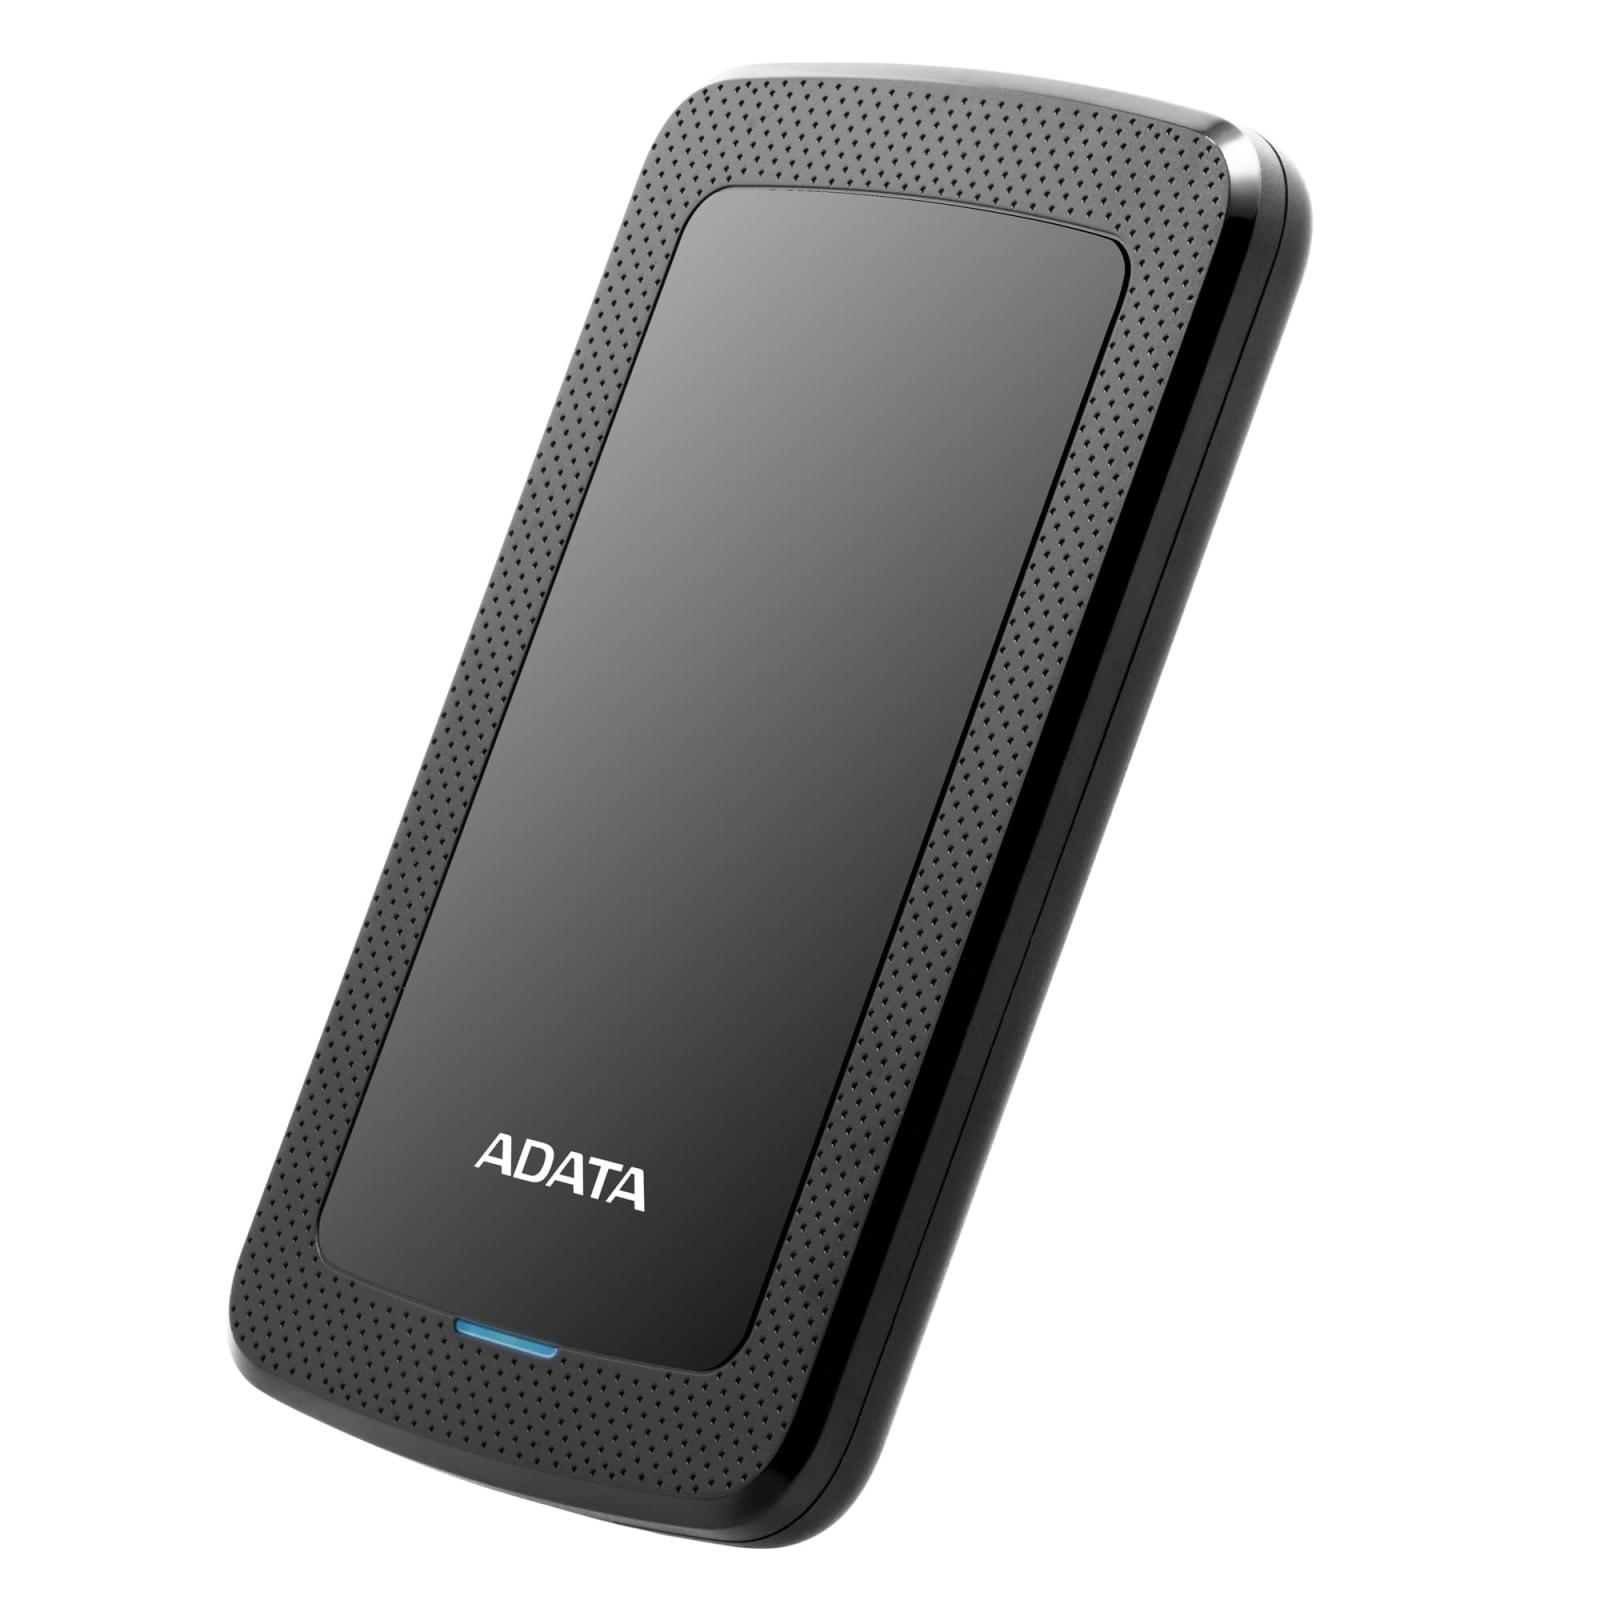 """Внешний жесткий диск 2.5"""" 4TB ADATA (AHV300-4TU31-CBK) изображение 2"""